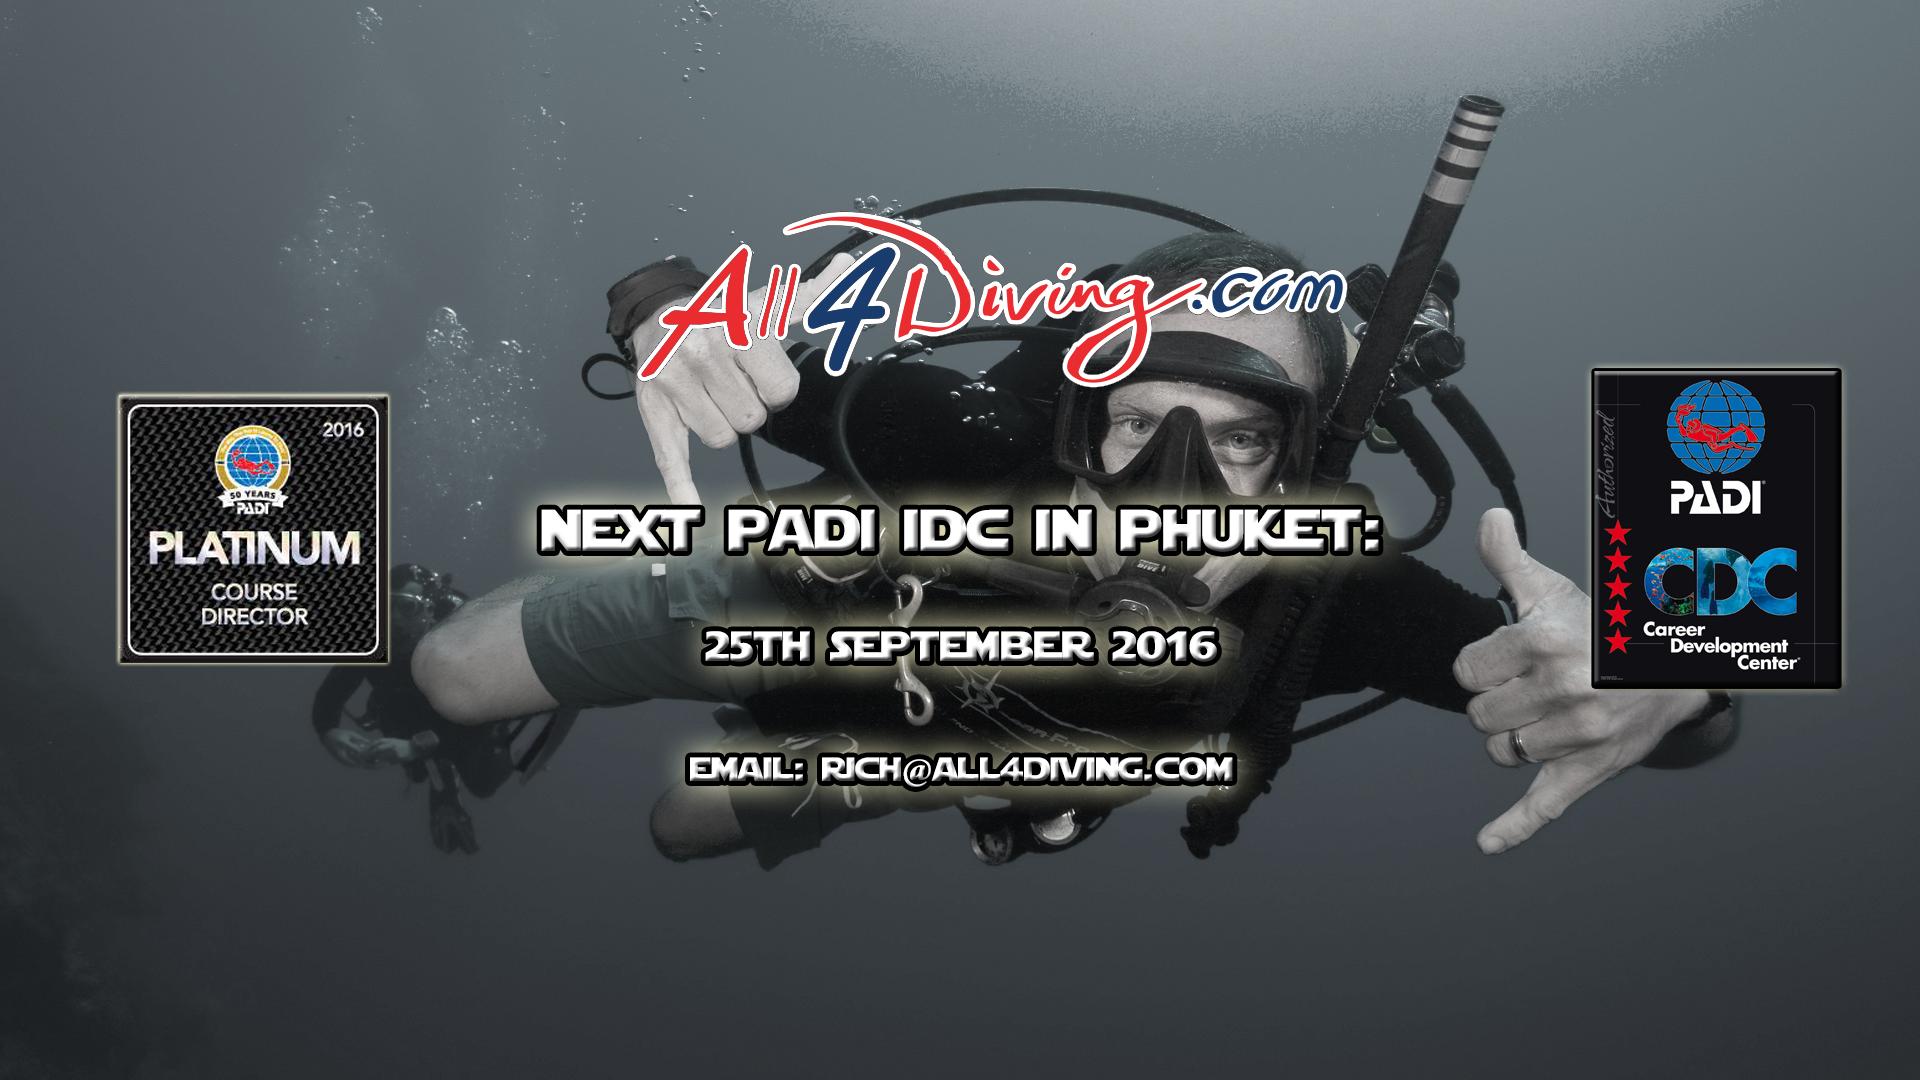 PADI IDC Thailand, Phuket, Platinum Course Directo